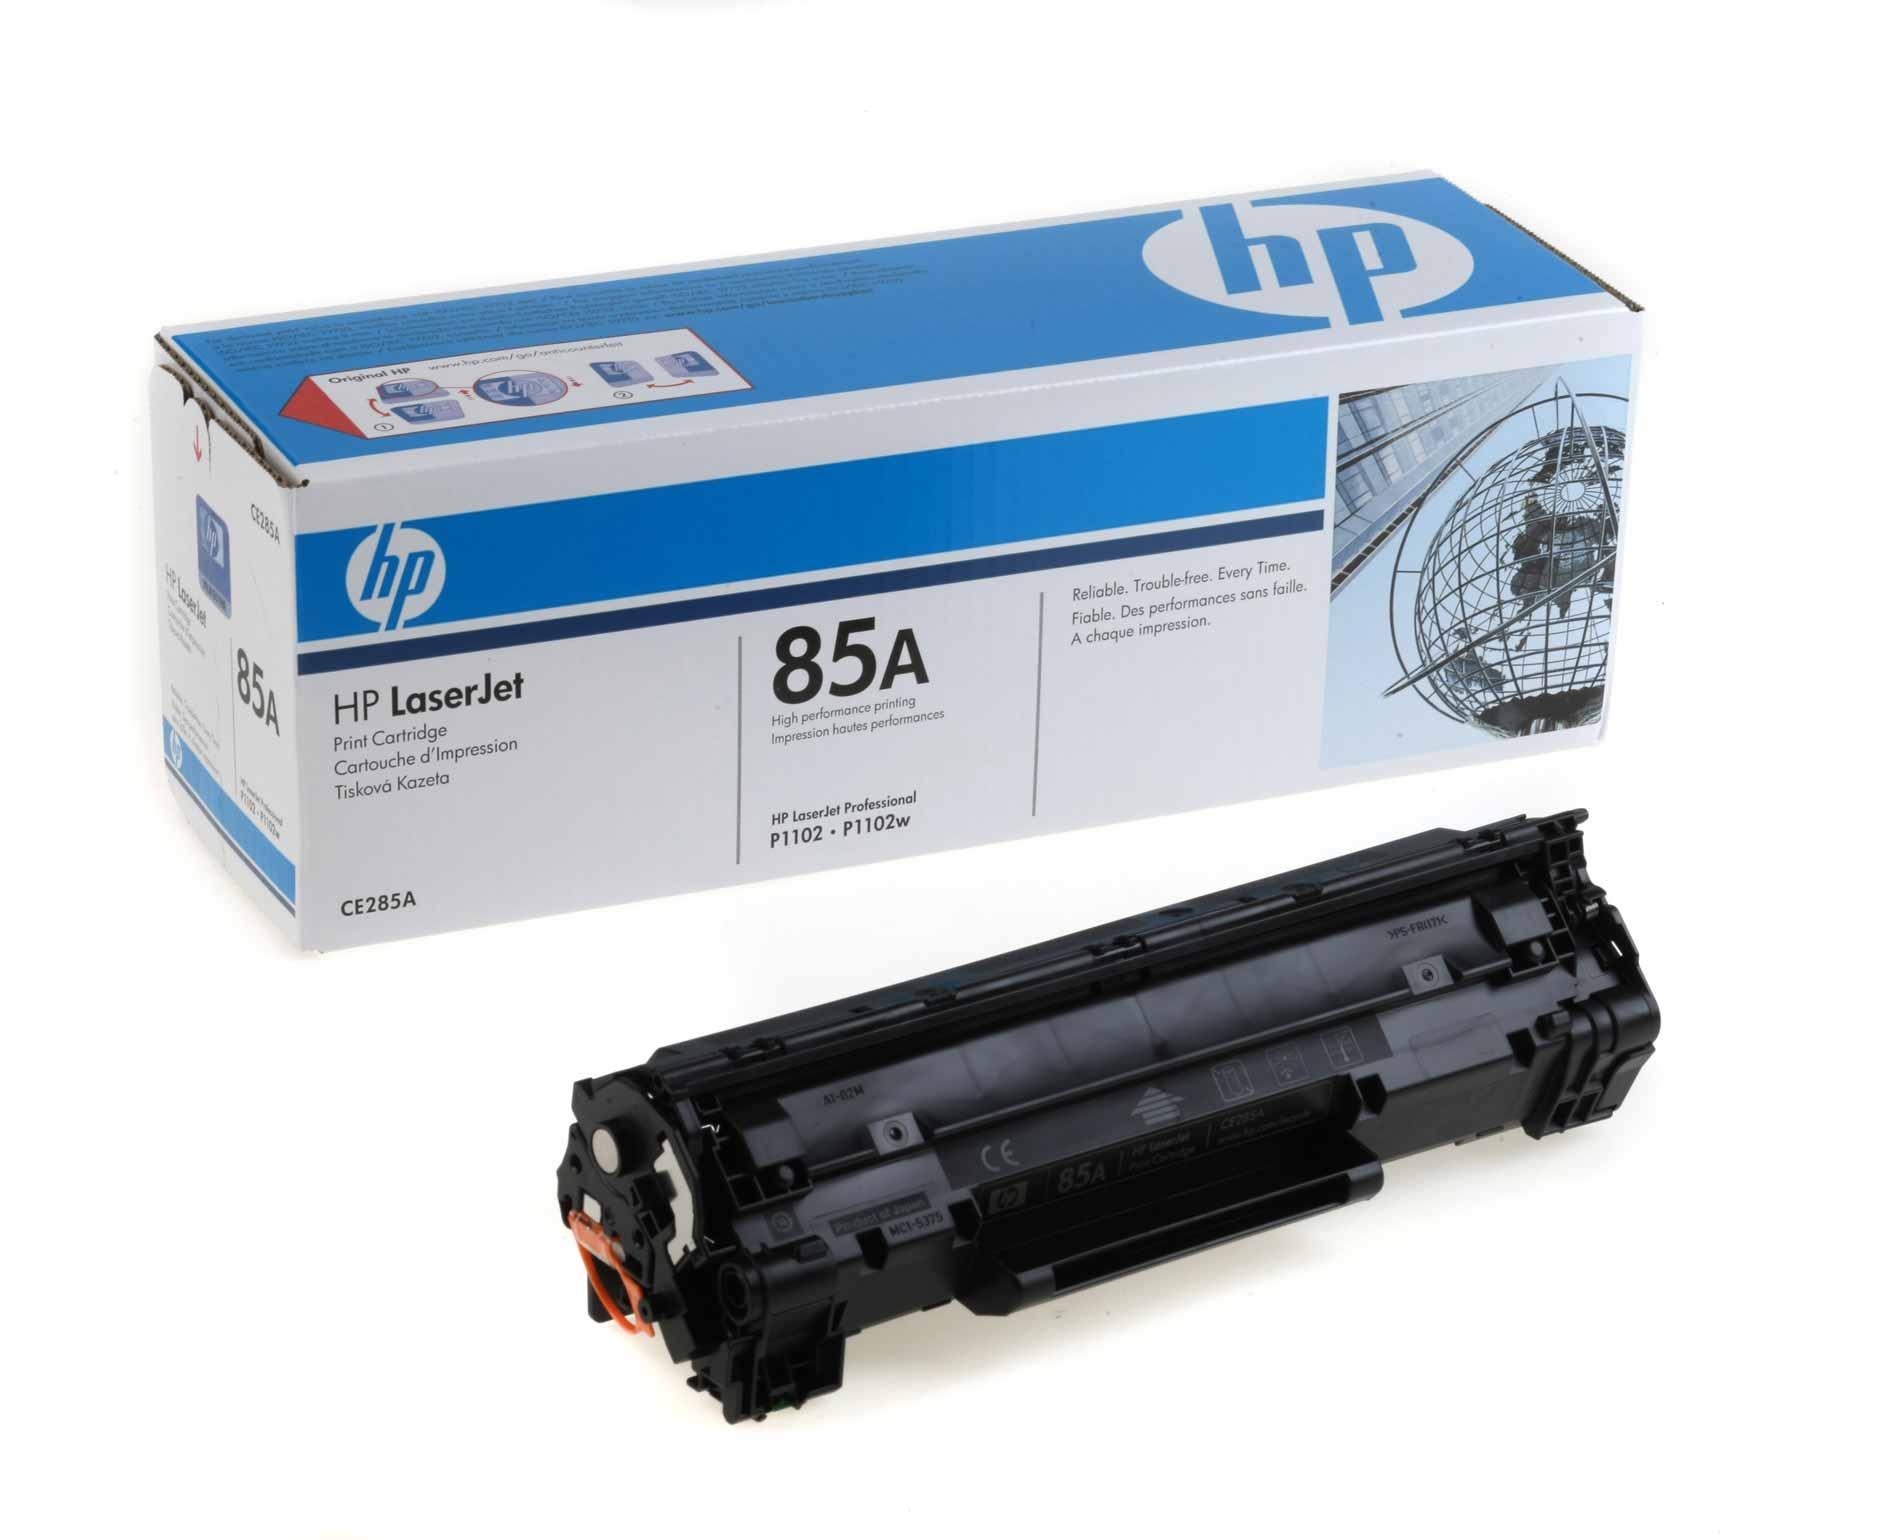 U werkt veilig met originele HP inkt en toners